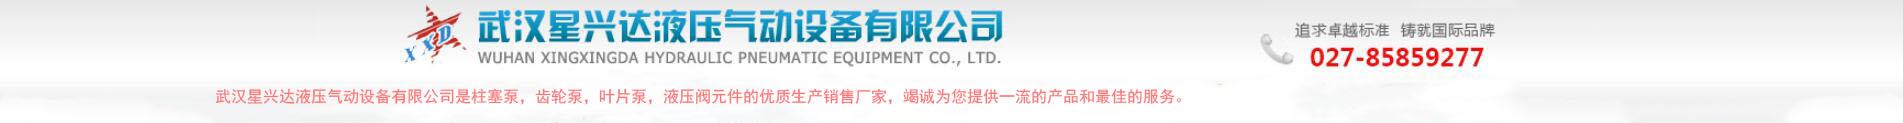 武汉星兴达液压气动设备有限公司